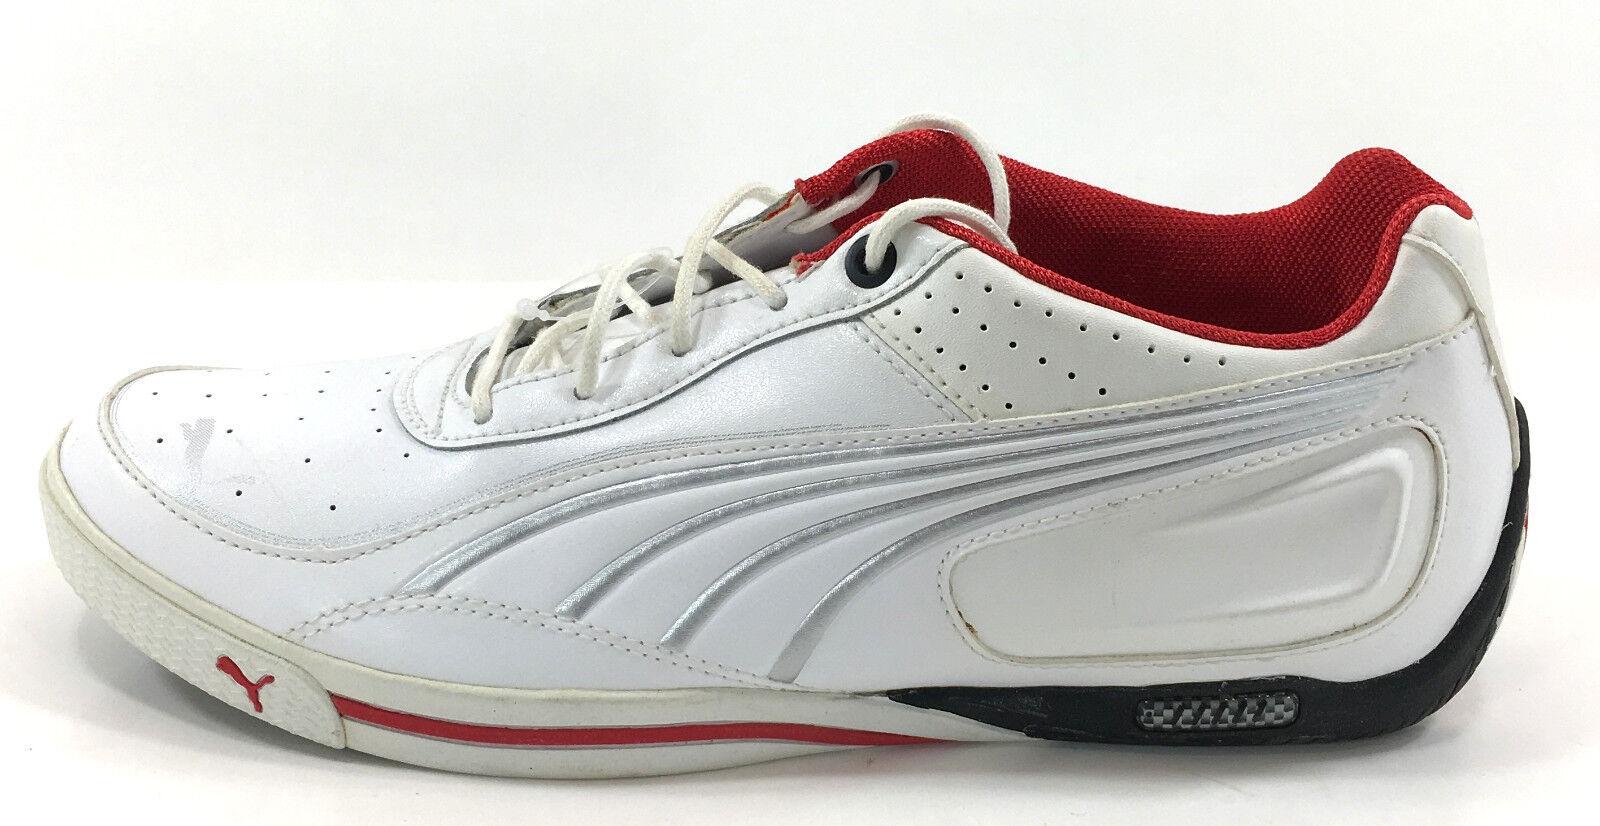 Zapatos Puma SL Street Lo casi como como como nuevo Basic Blanco/Rojo Zapatillas Tamaño 8.5 e55ab1